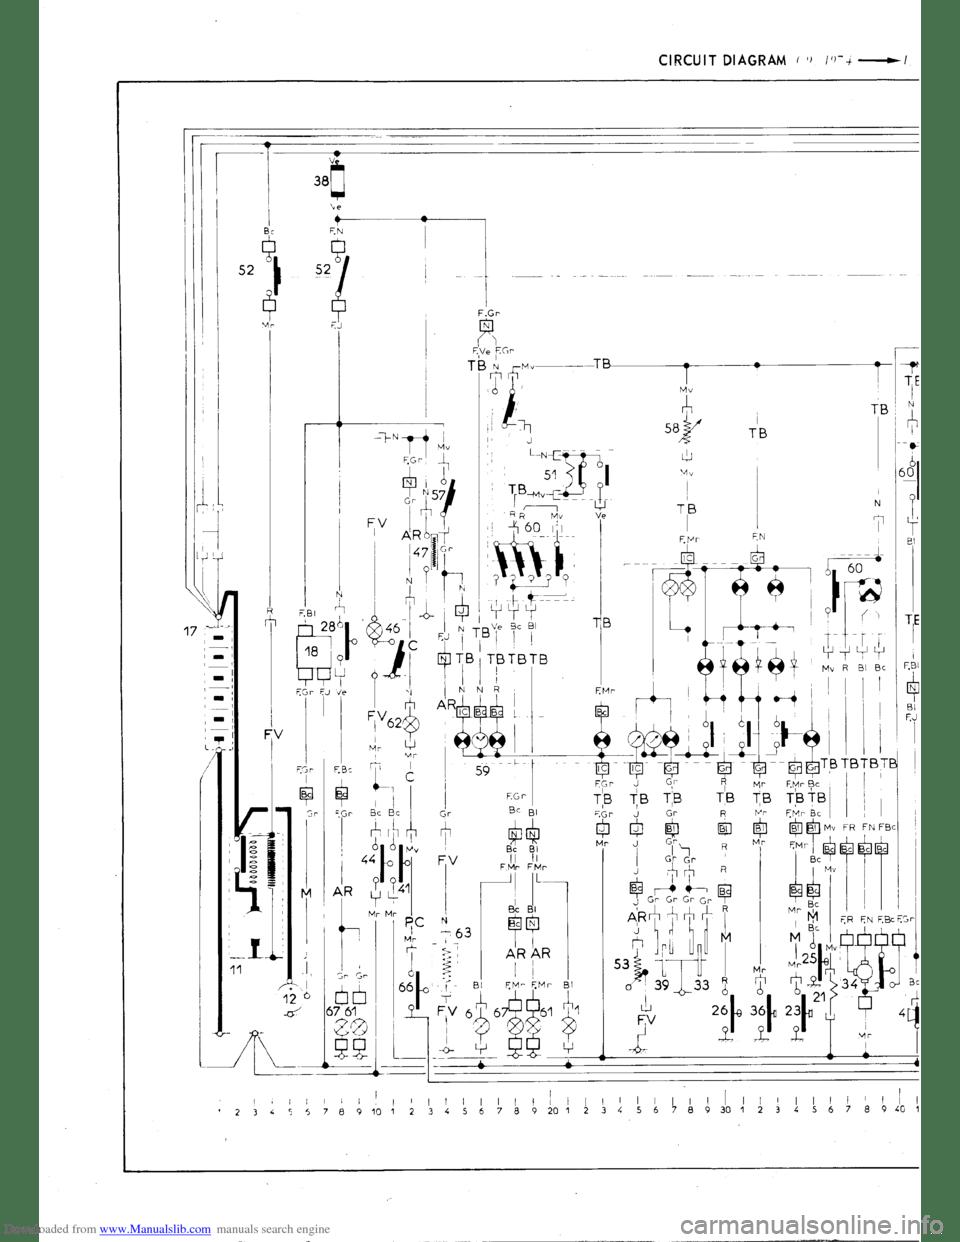 Citroen CX 1977 1.G Workshop Manual (394 Pages), Page 290